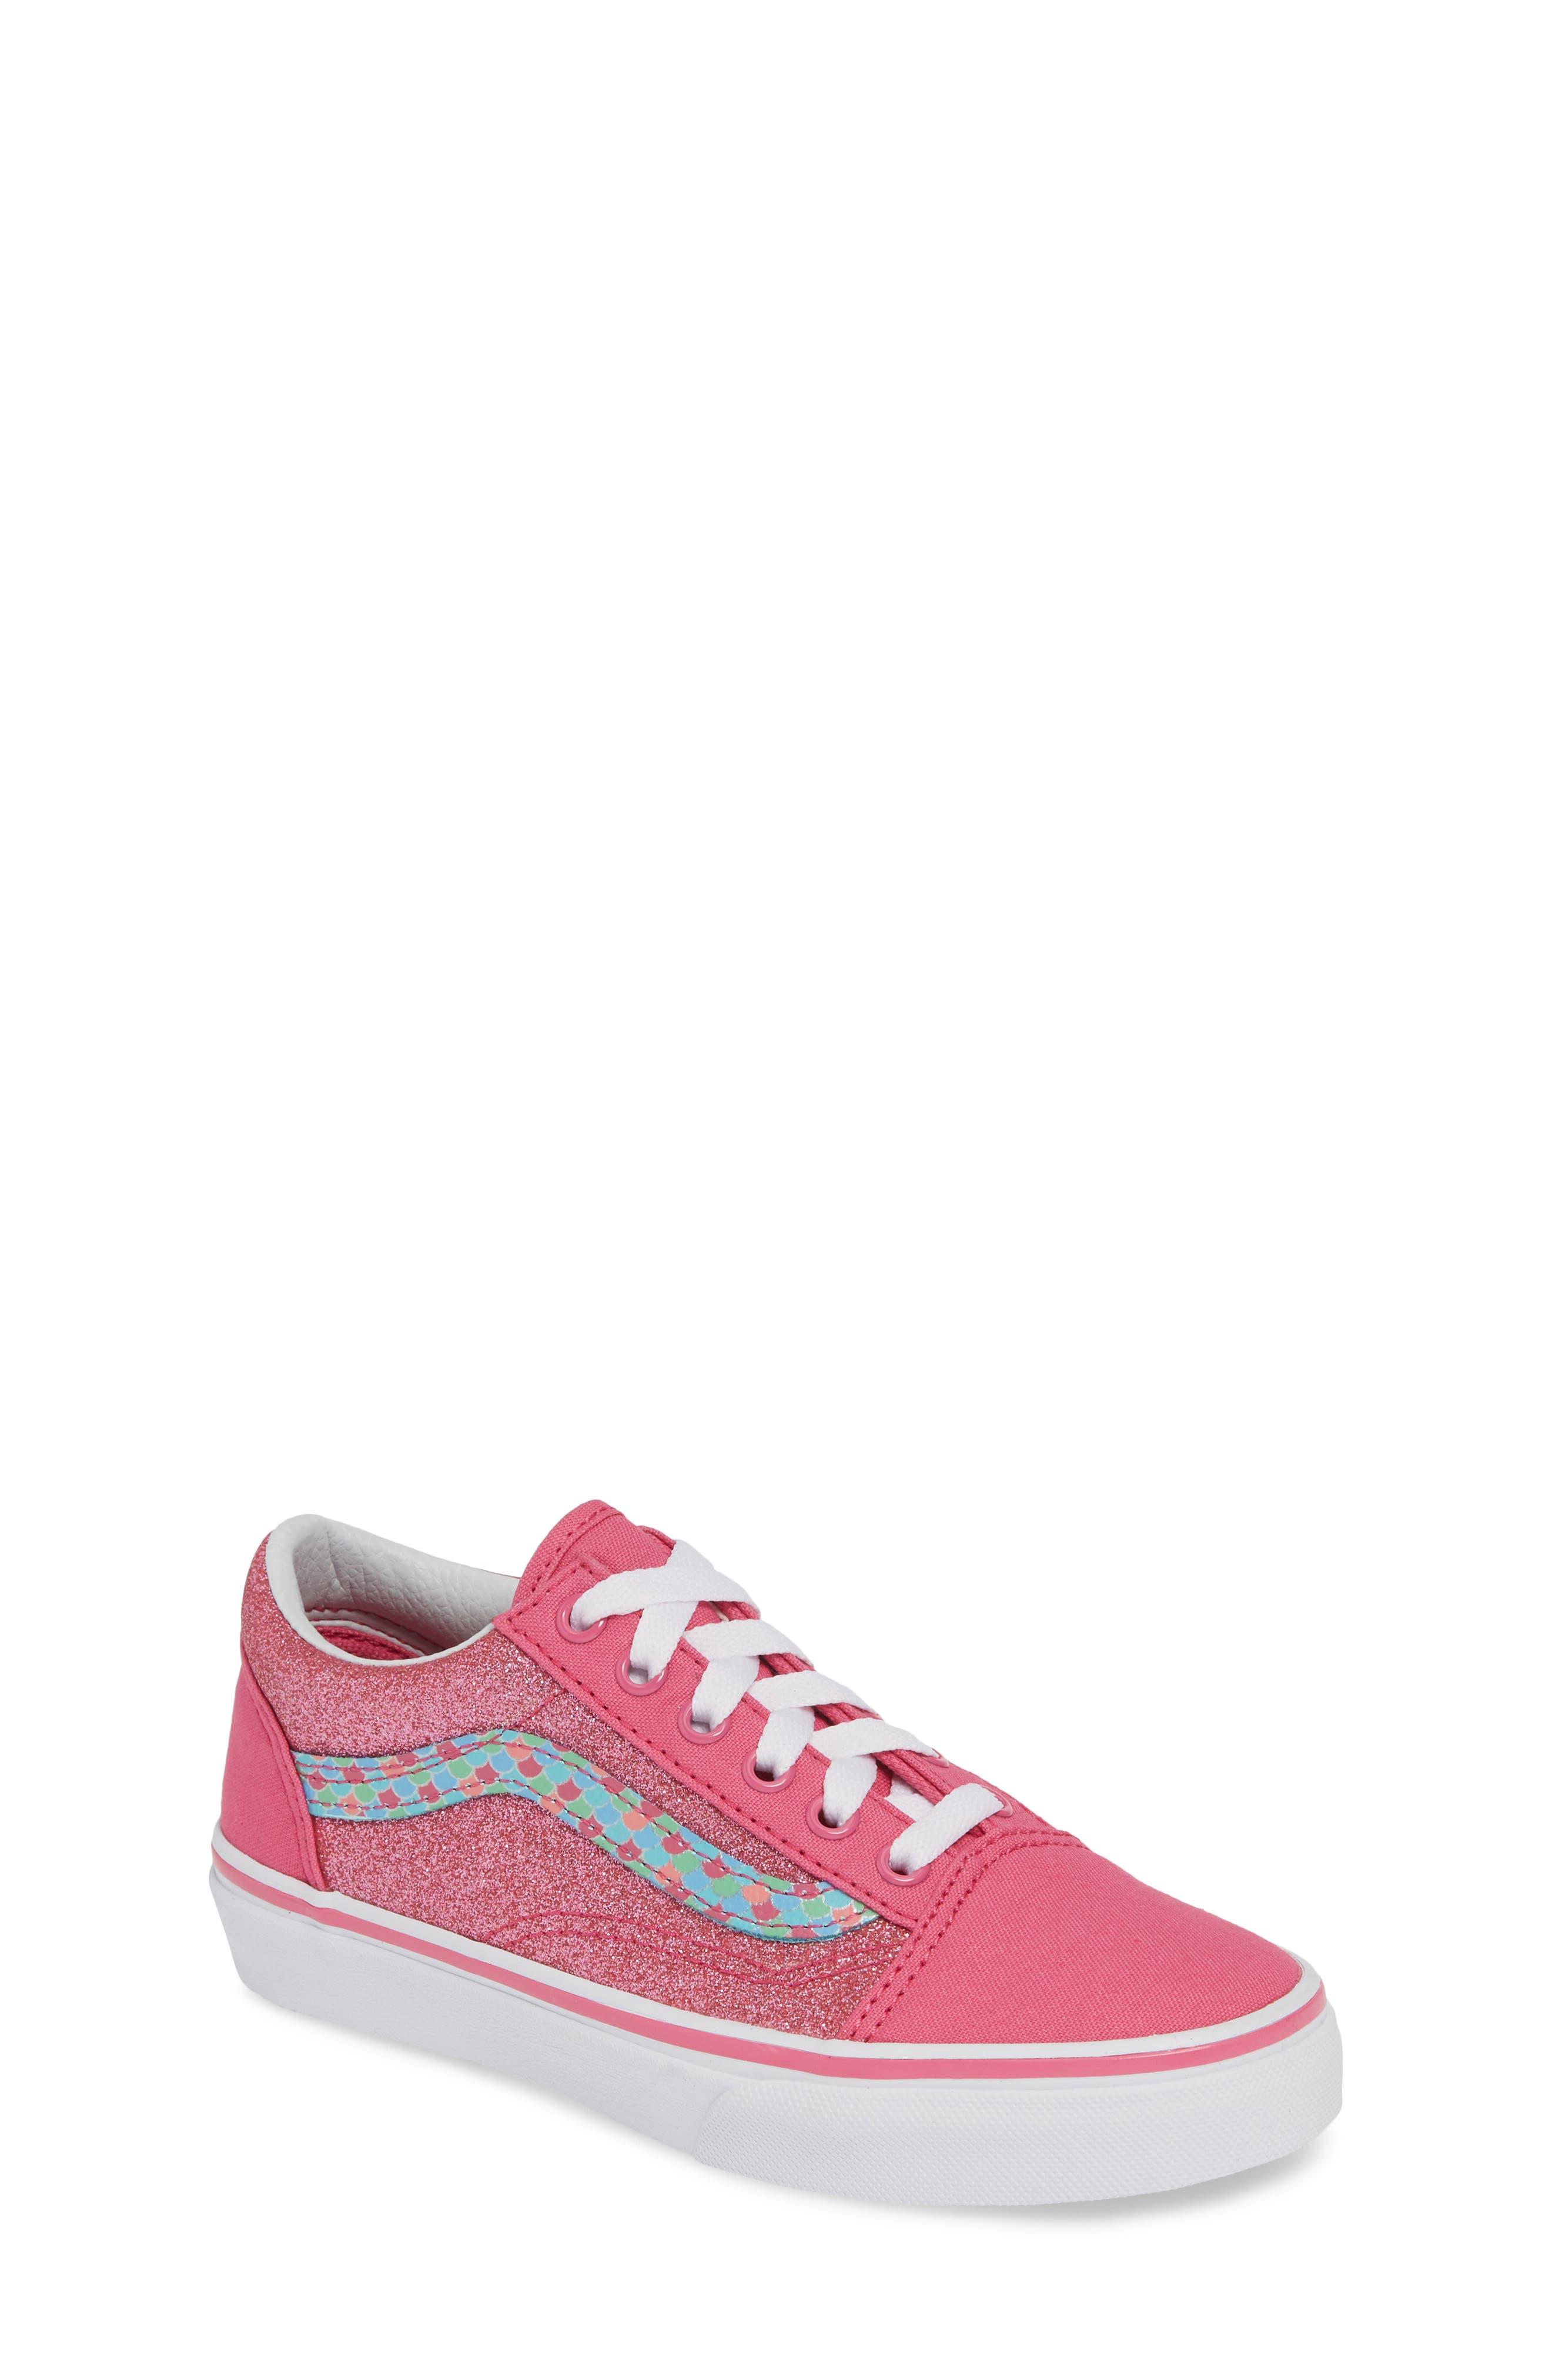 VANS, Old Skool Sneaker, Main thumbnail 1, color, CARMINE ROSE/ TRUE WHITE